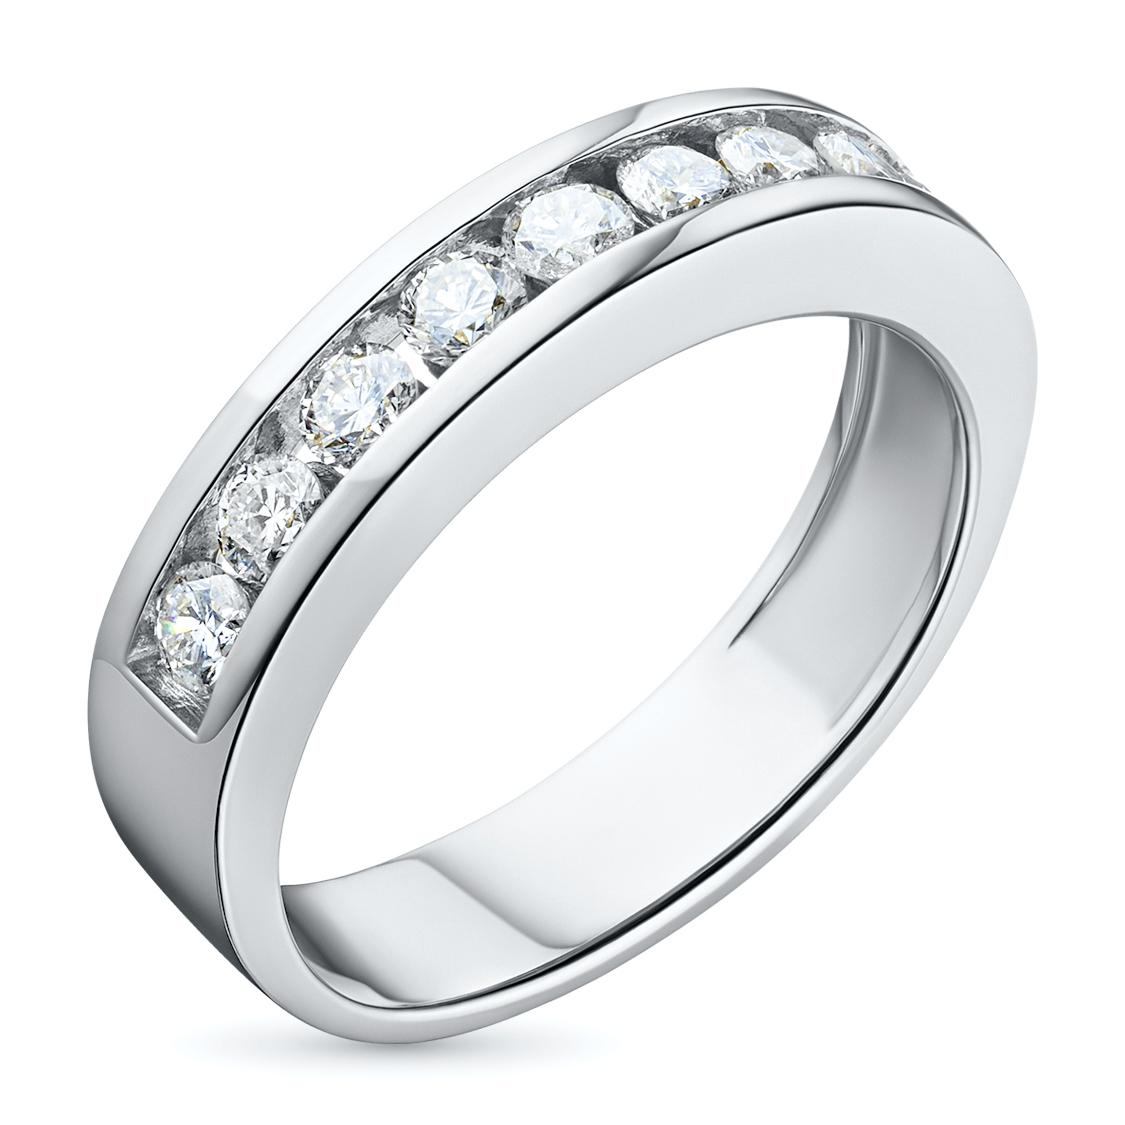 Кольцо из белого золота с бриллиантом э0901кц05102300 фото